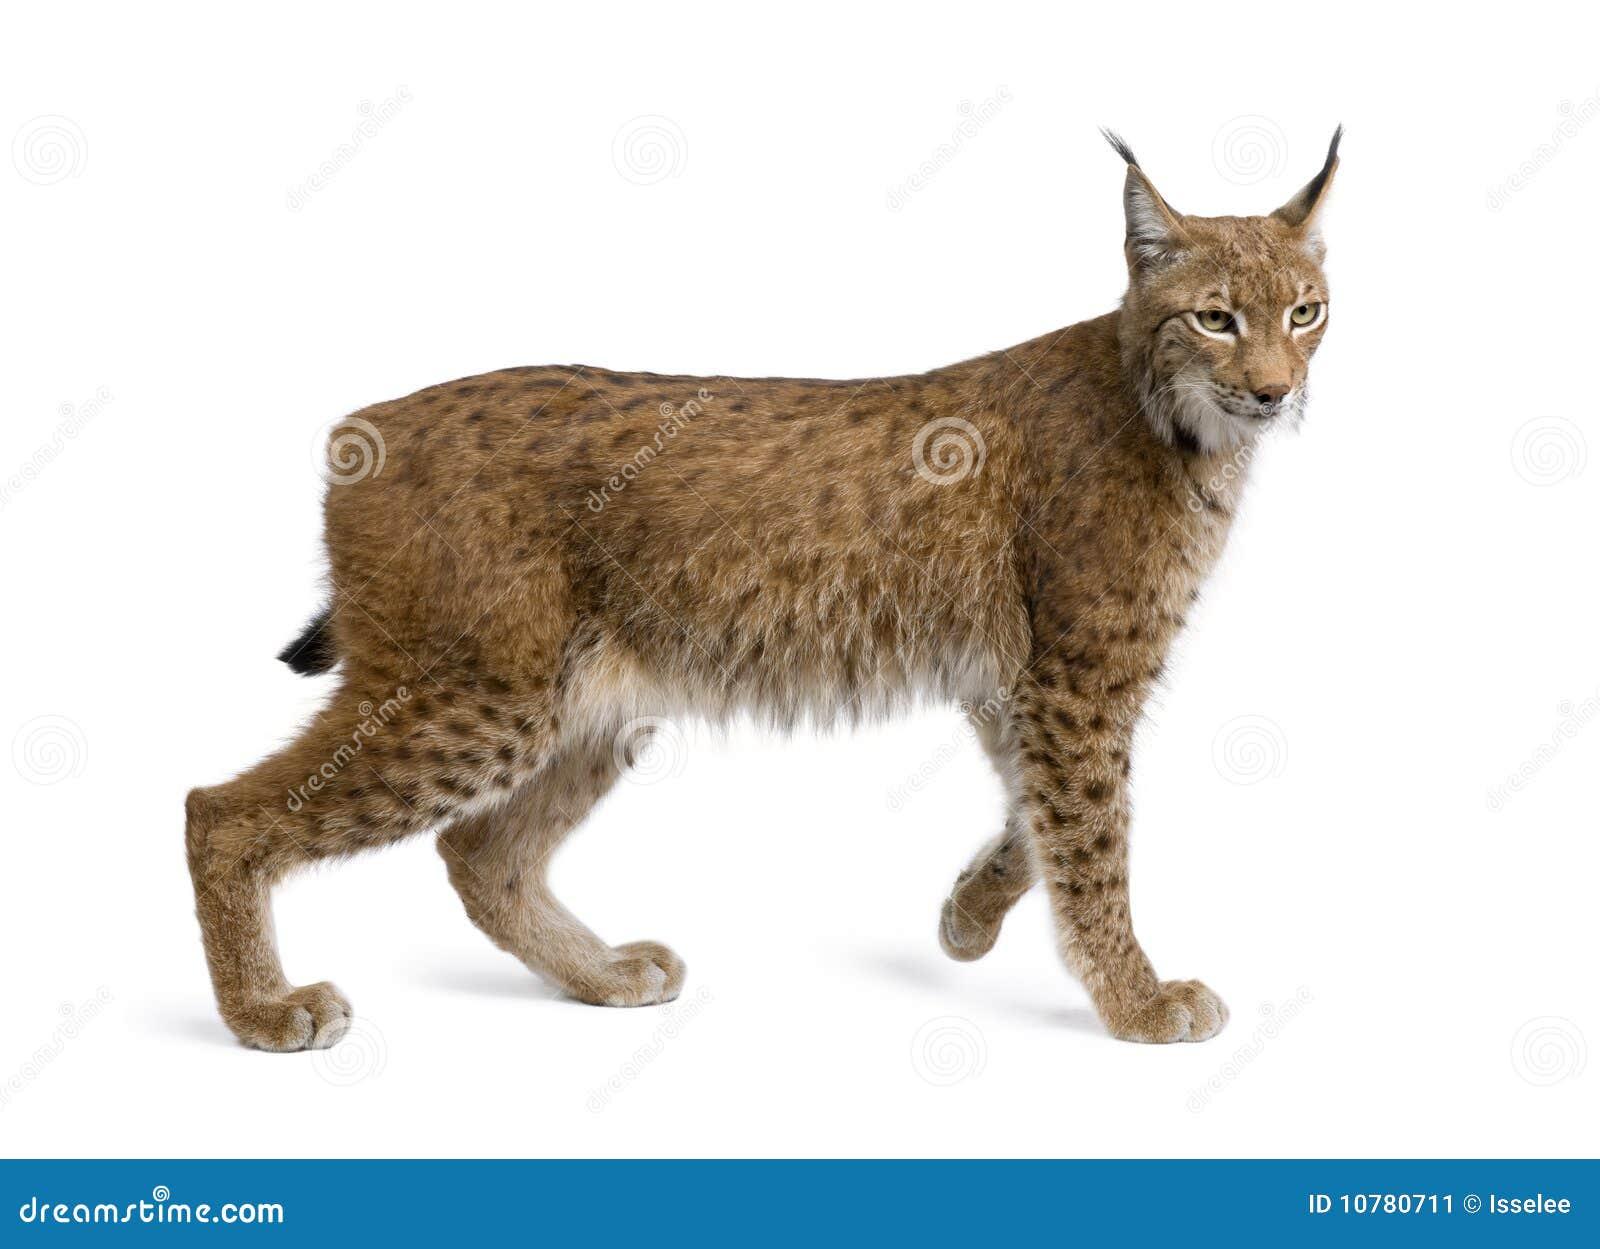 Download Europees-Aziatische Lynx, Lynxlynx, 5 Jaar Oud Stock Afbeelding - Afbeelding bestaande uit katten, mensen: 10780711